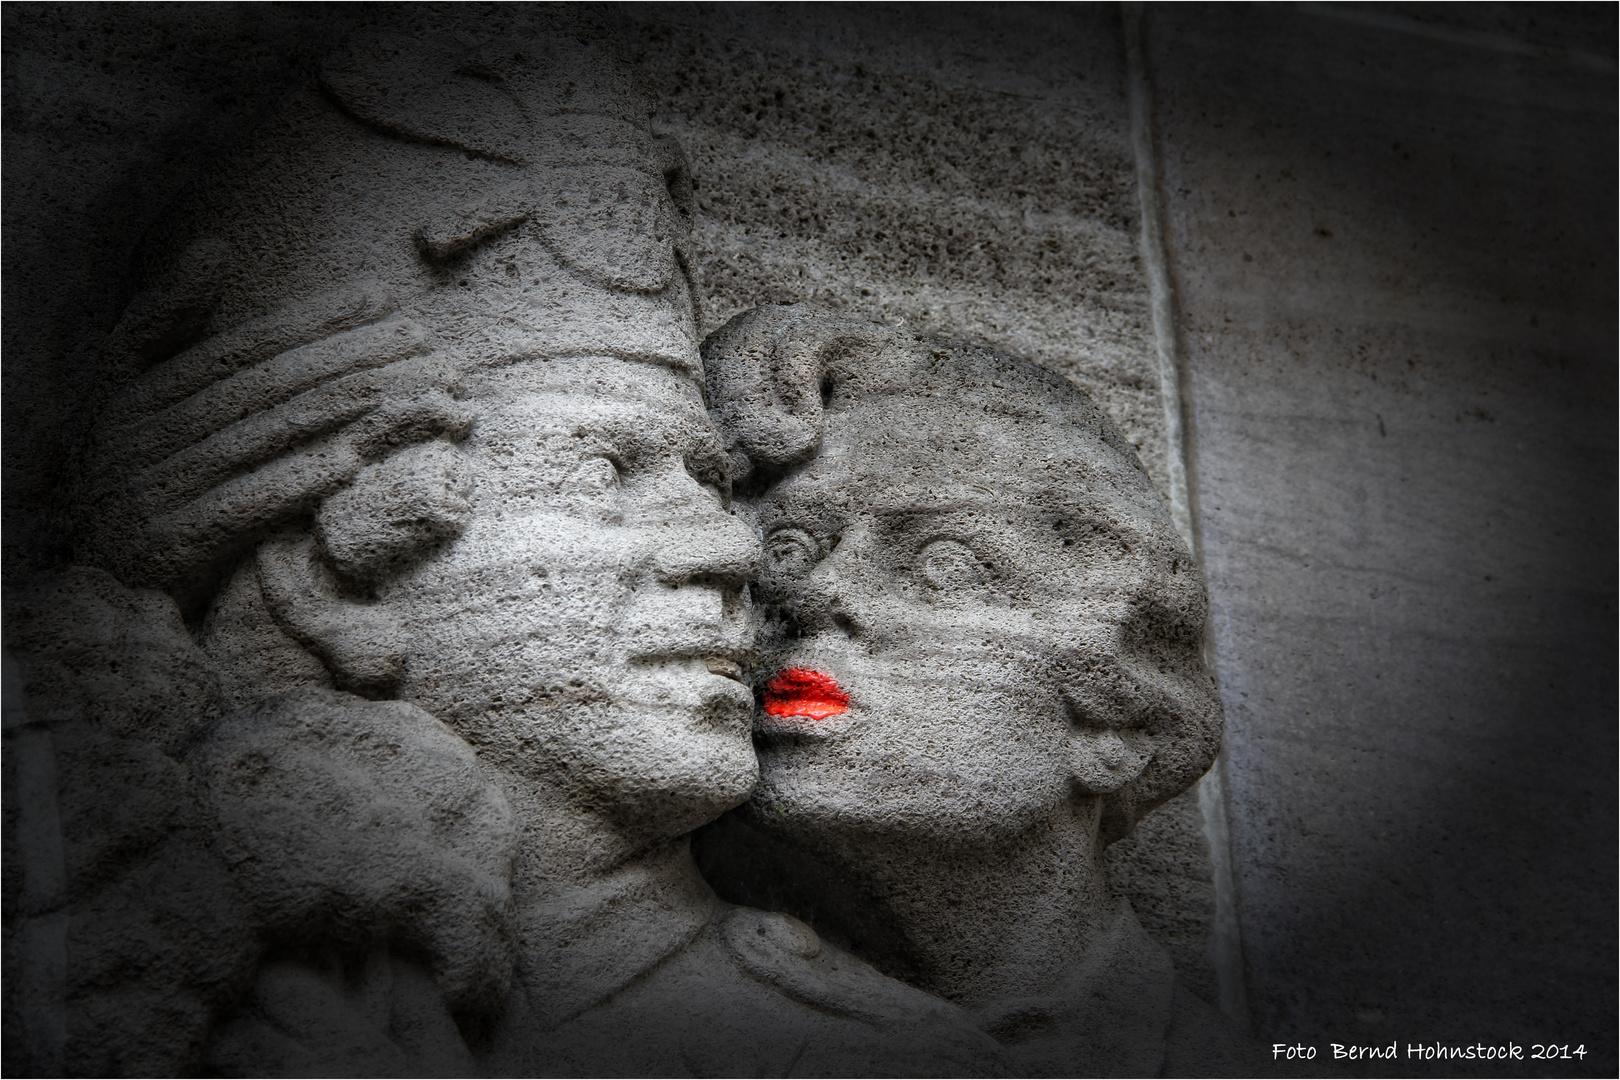 Ostermannbrunnen Impression zu Köln am Rhein .....